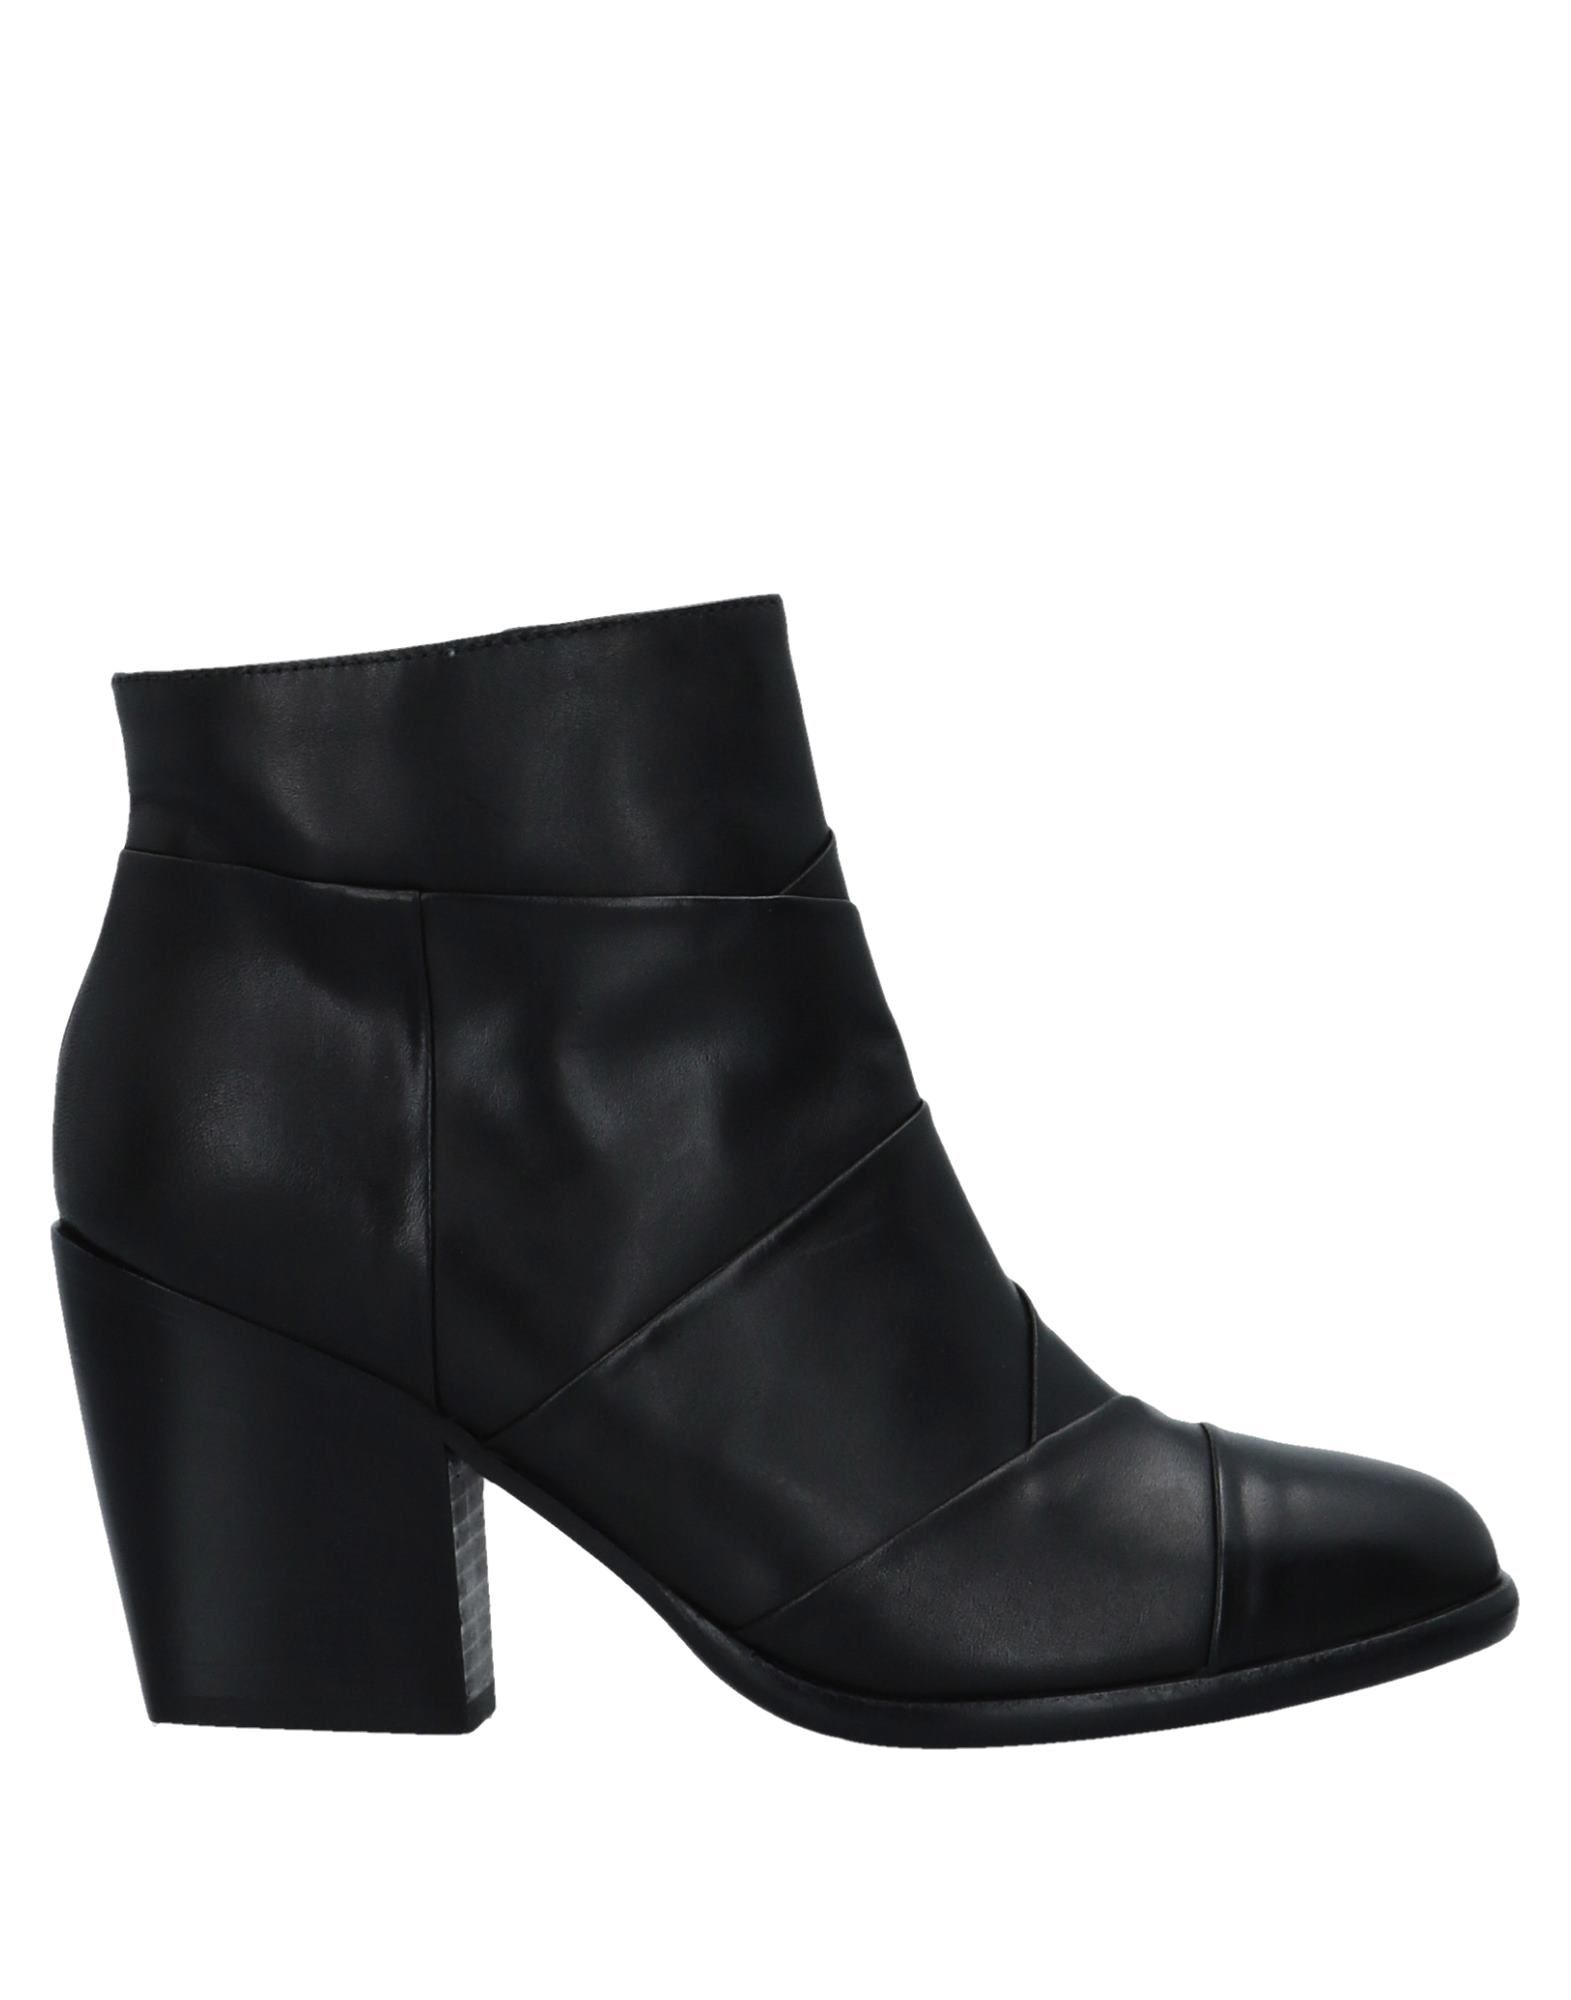 Alberto Fermani Stiefelette Damen  11532539MFGut aussehende strapazierfähige Schuhe